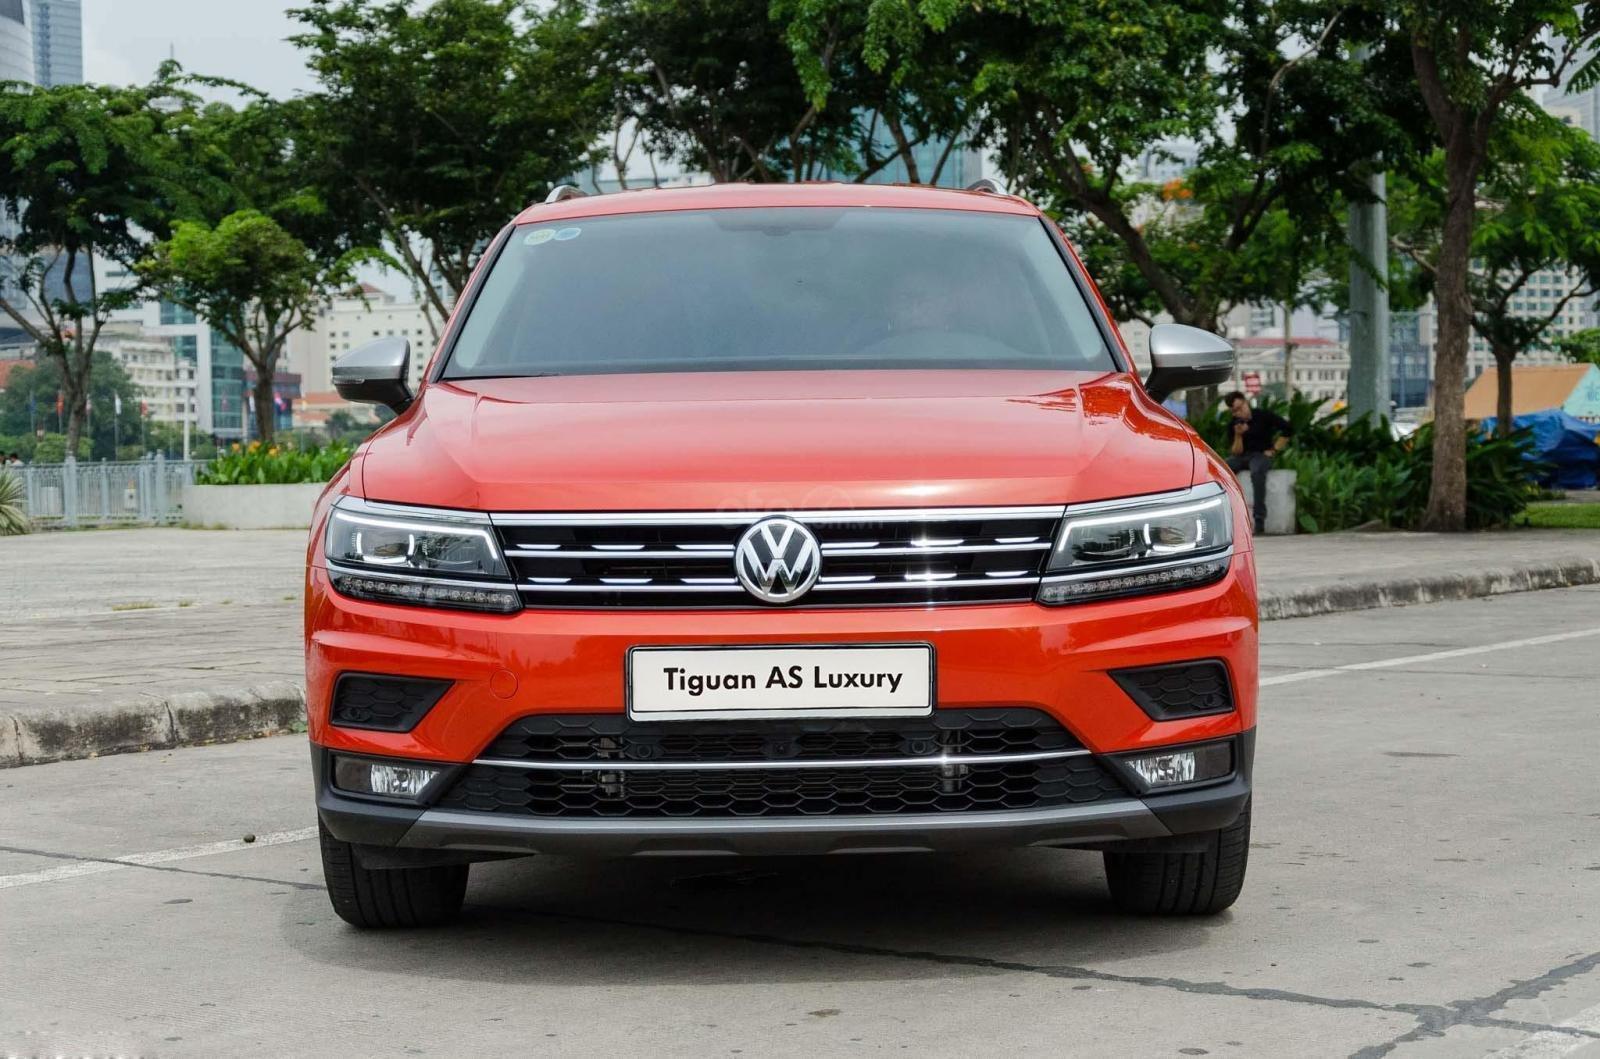 Khuyến mãi tháng 2/2021 Volkswagen Tiguan Luxury màu cam giảm cực khủng 120 triệu tiền mặt+ gói quà tặng cực hấp dẫn (1)